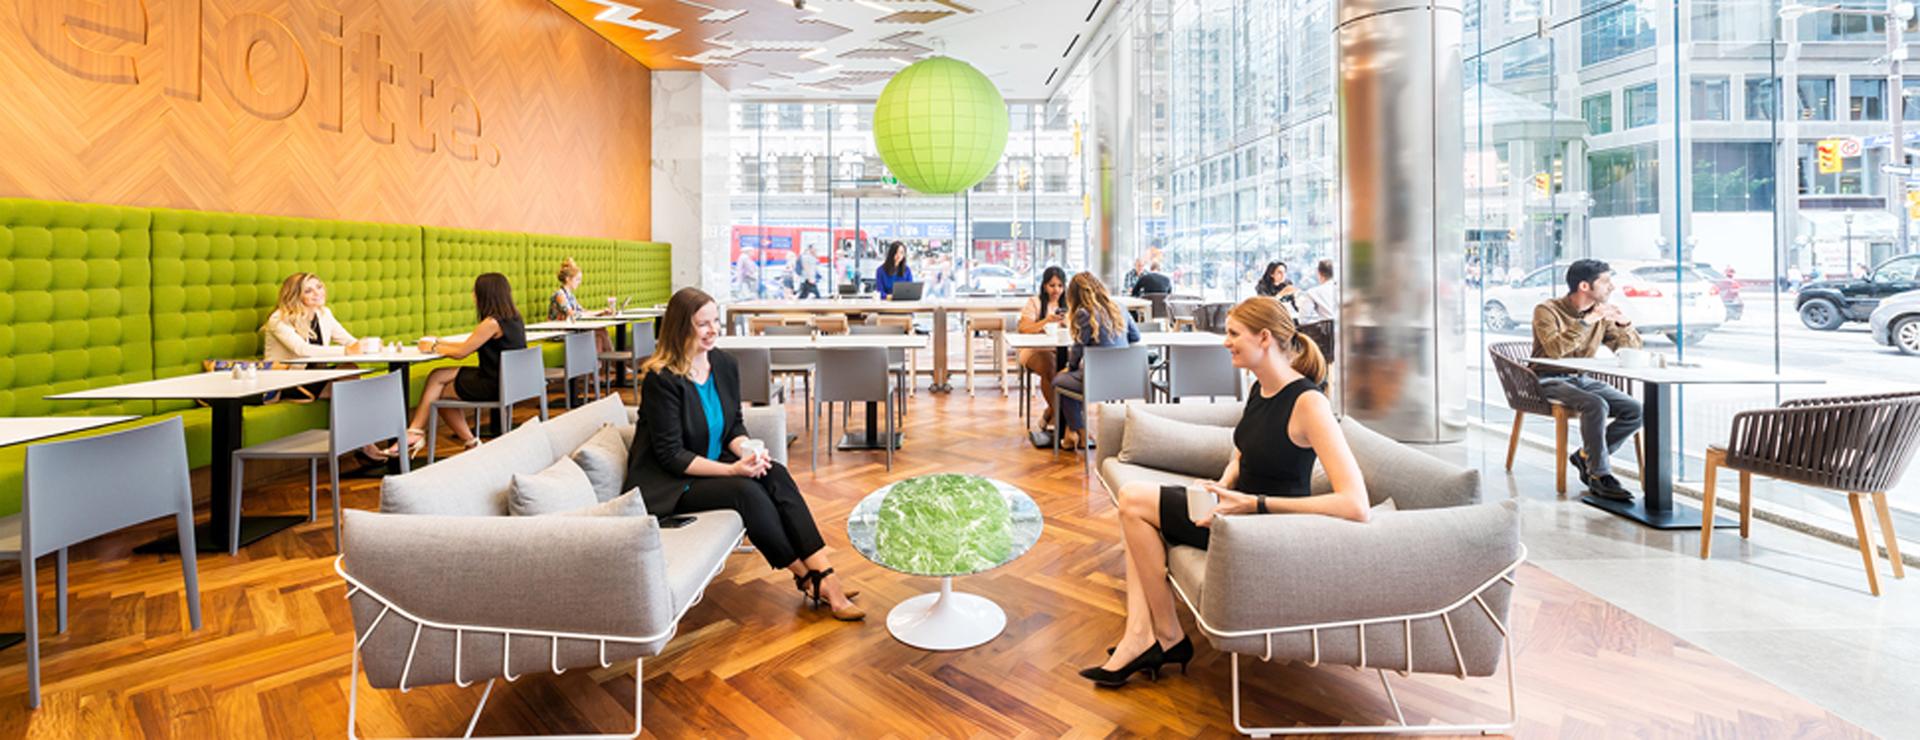 DesignTO Tours: Deloitte Office